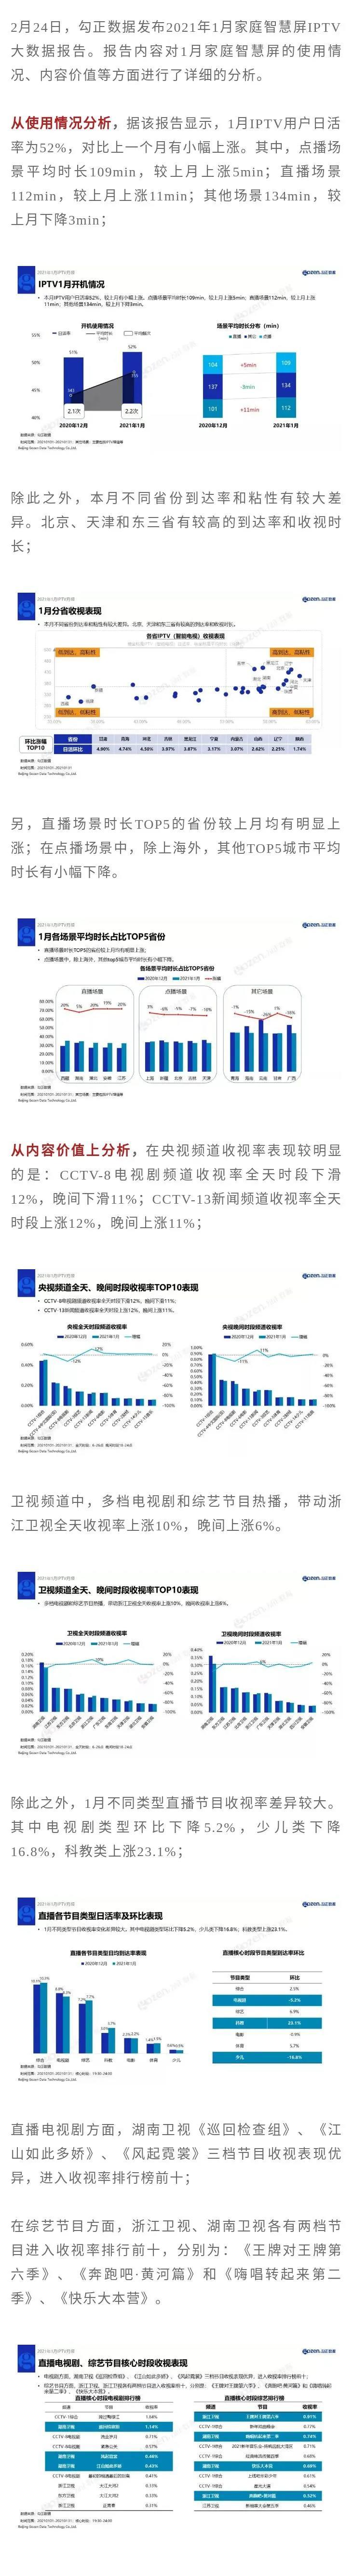 【新数据】今年1月IPTV用户日活率为52%